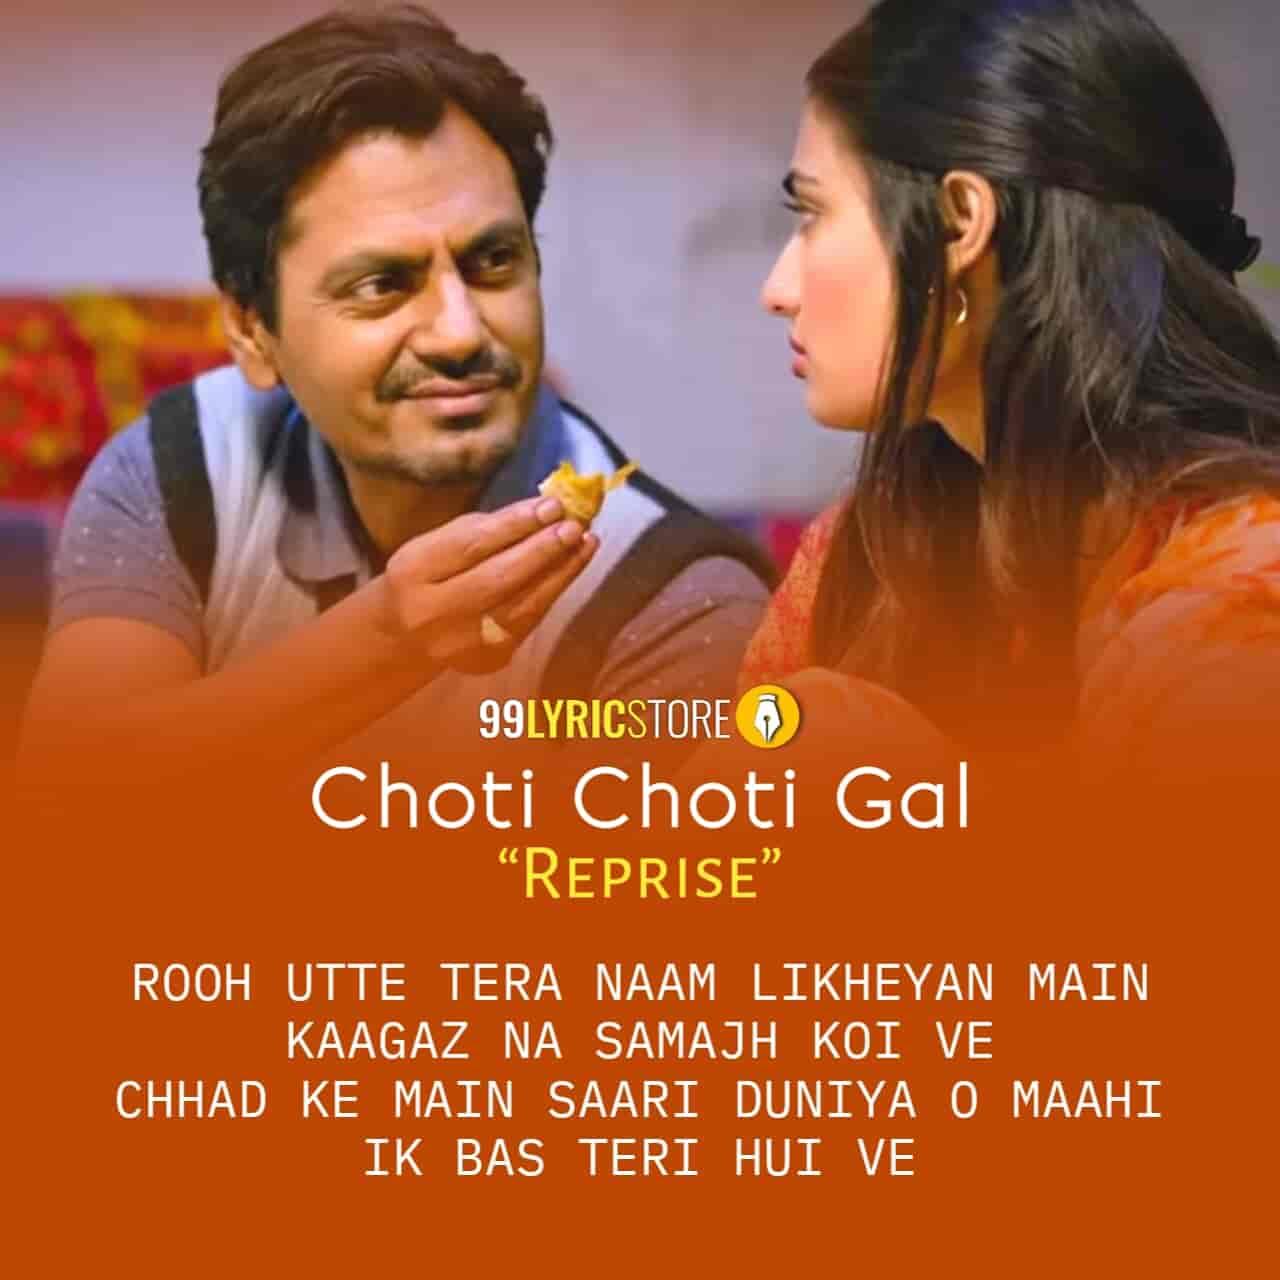 Choti Choti Gal Reprise Lyrics Images